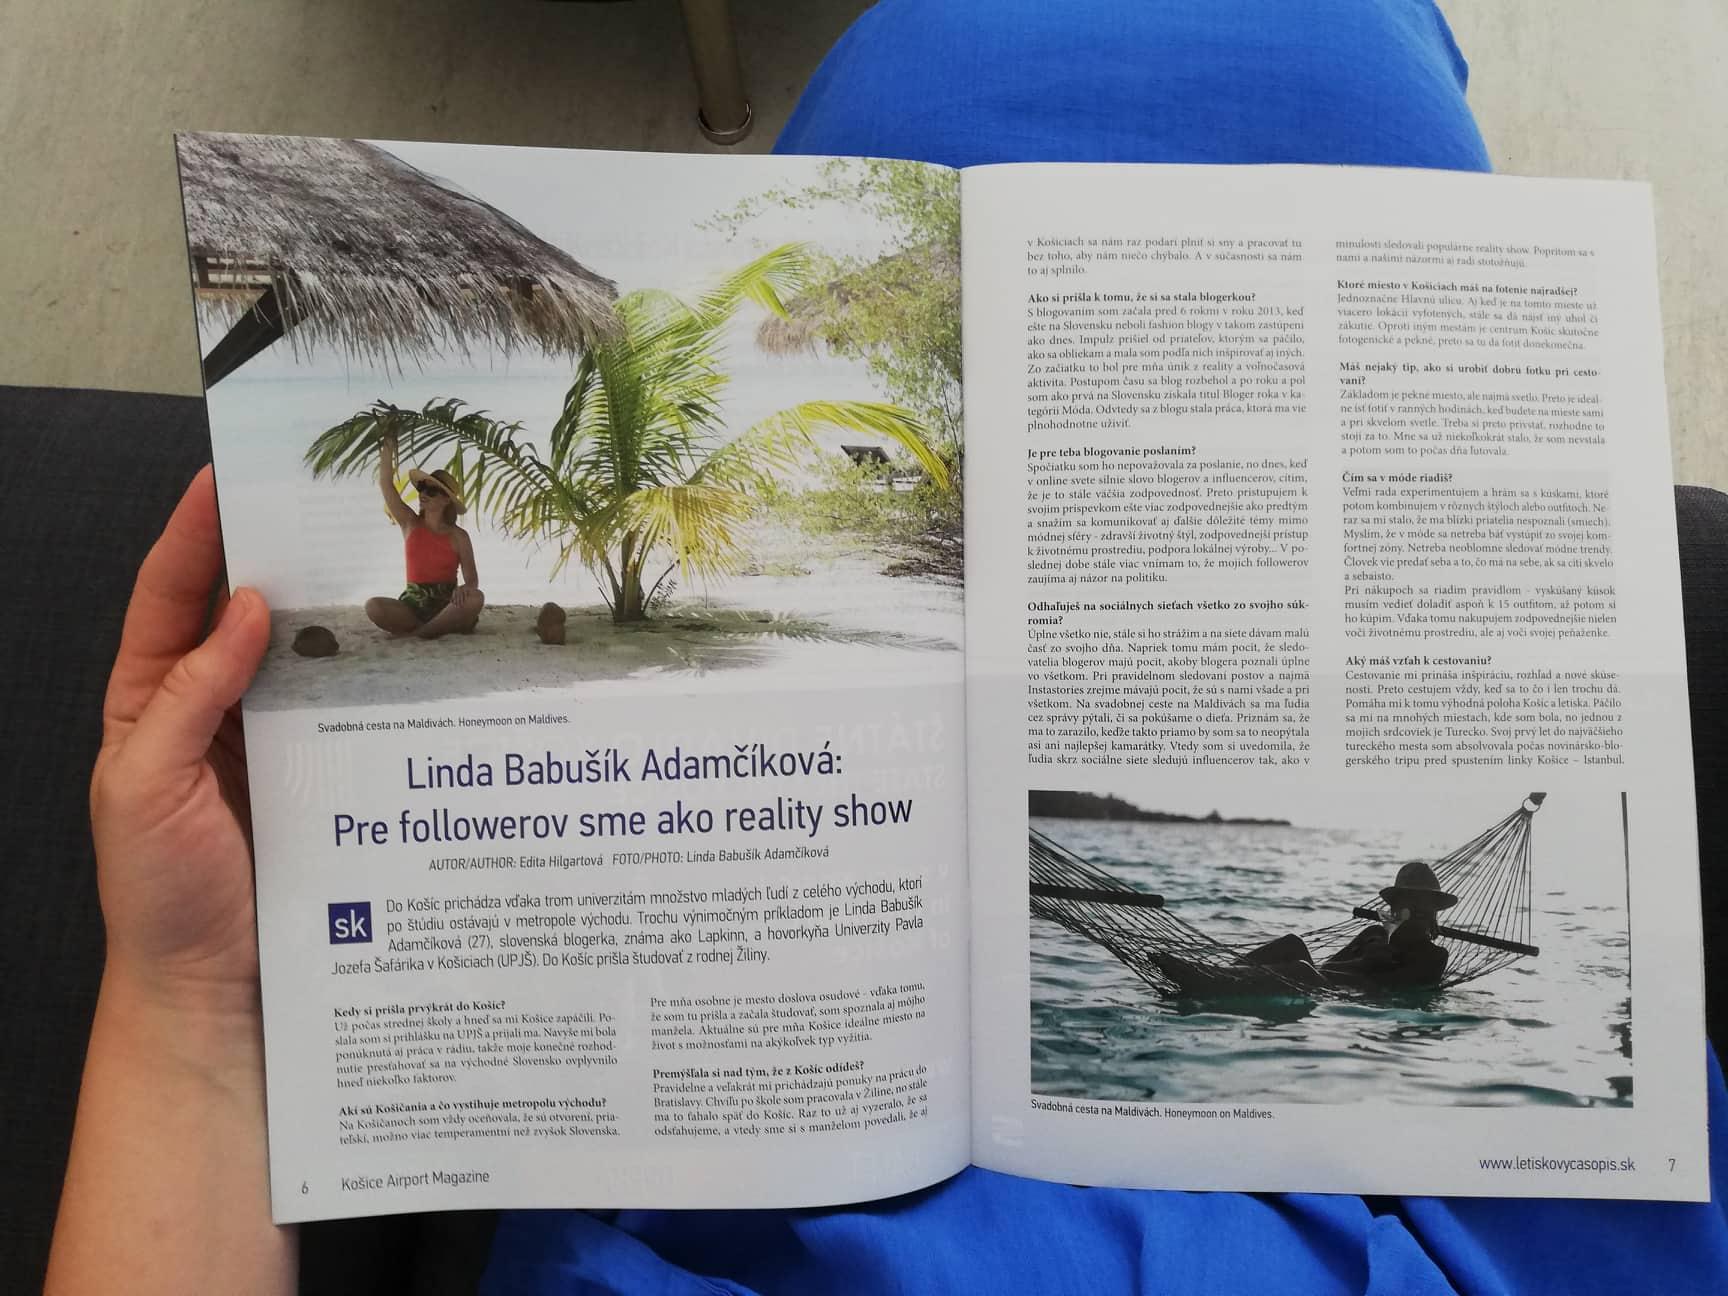 košice airport magazin